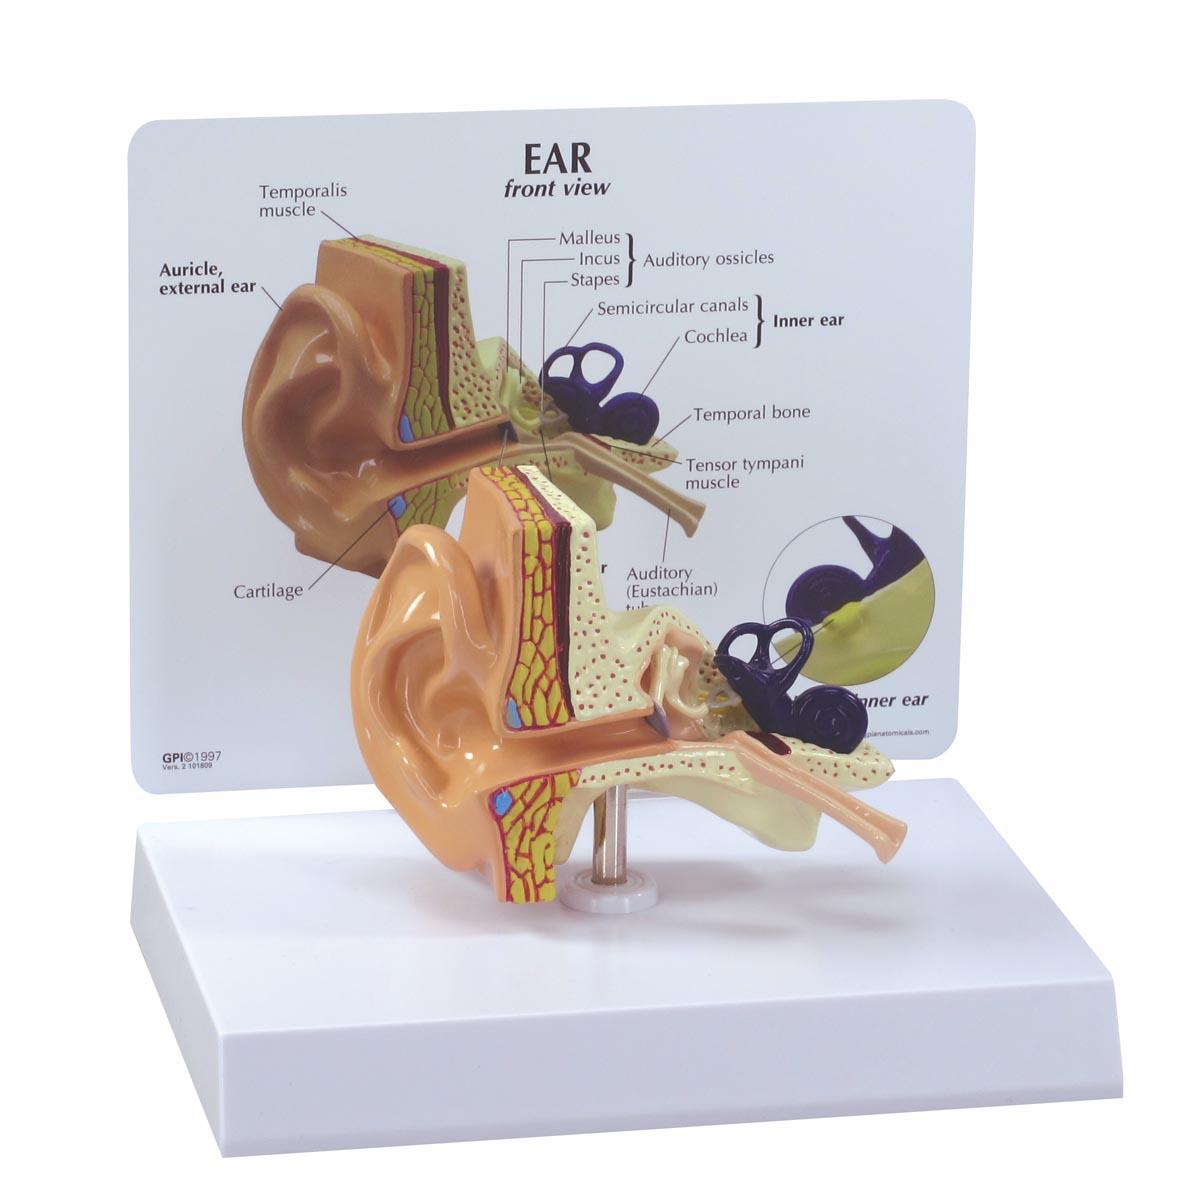 Ear Model - 1019526 - 2250 - Ear Models | Larynx Models | Sinus Models